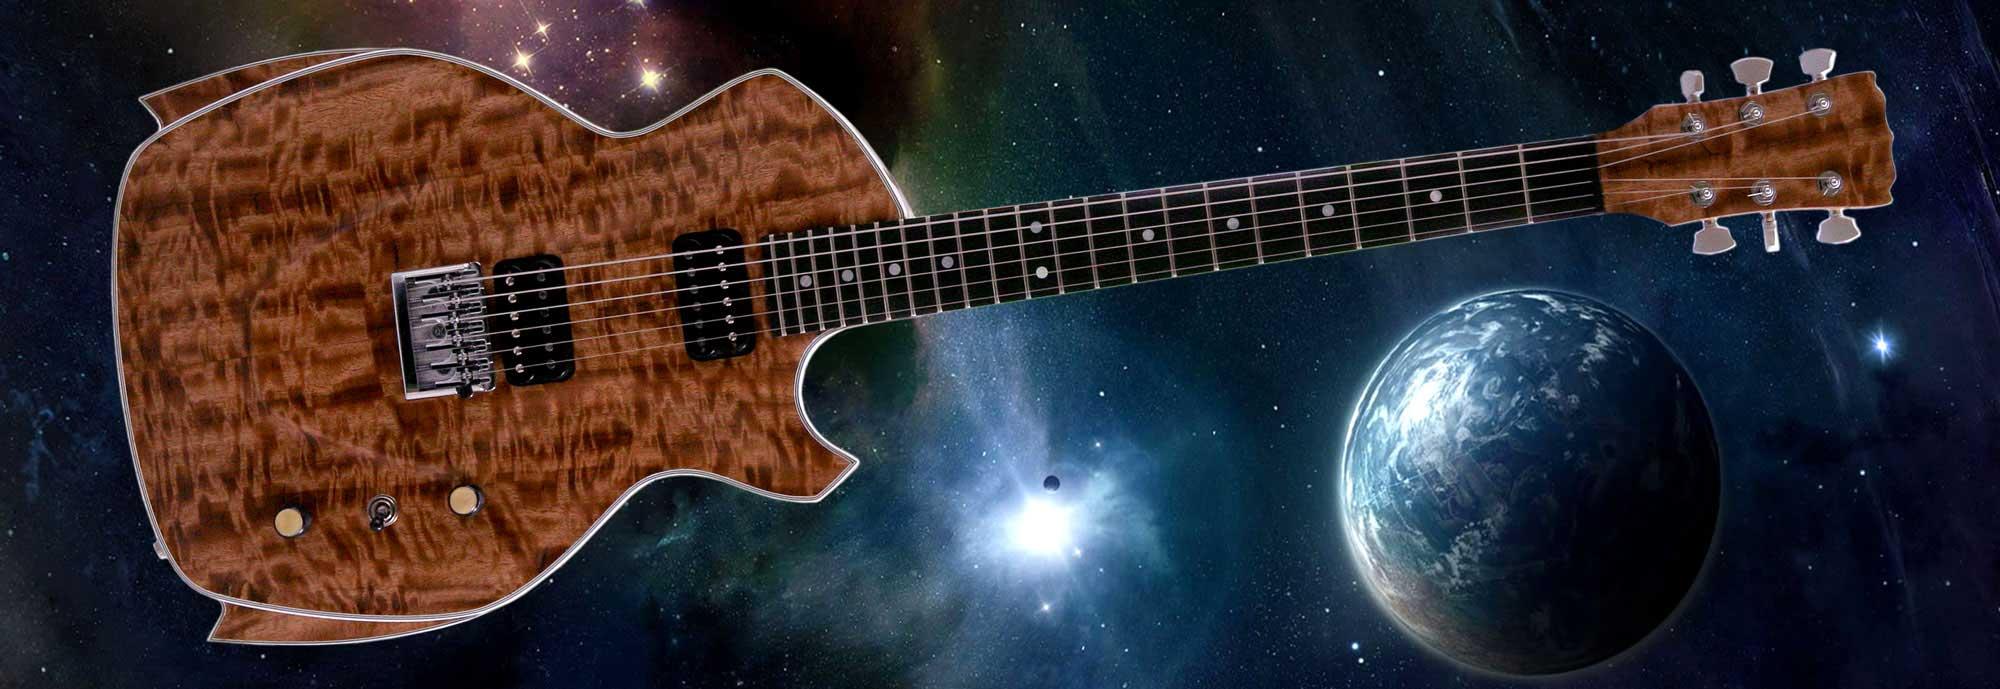 Bertram Cuda Guitar